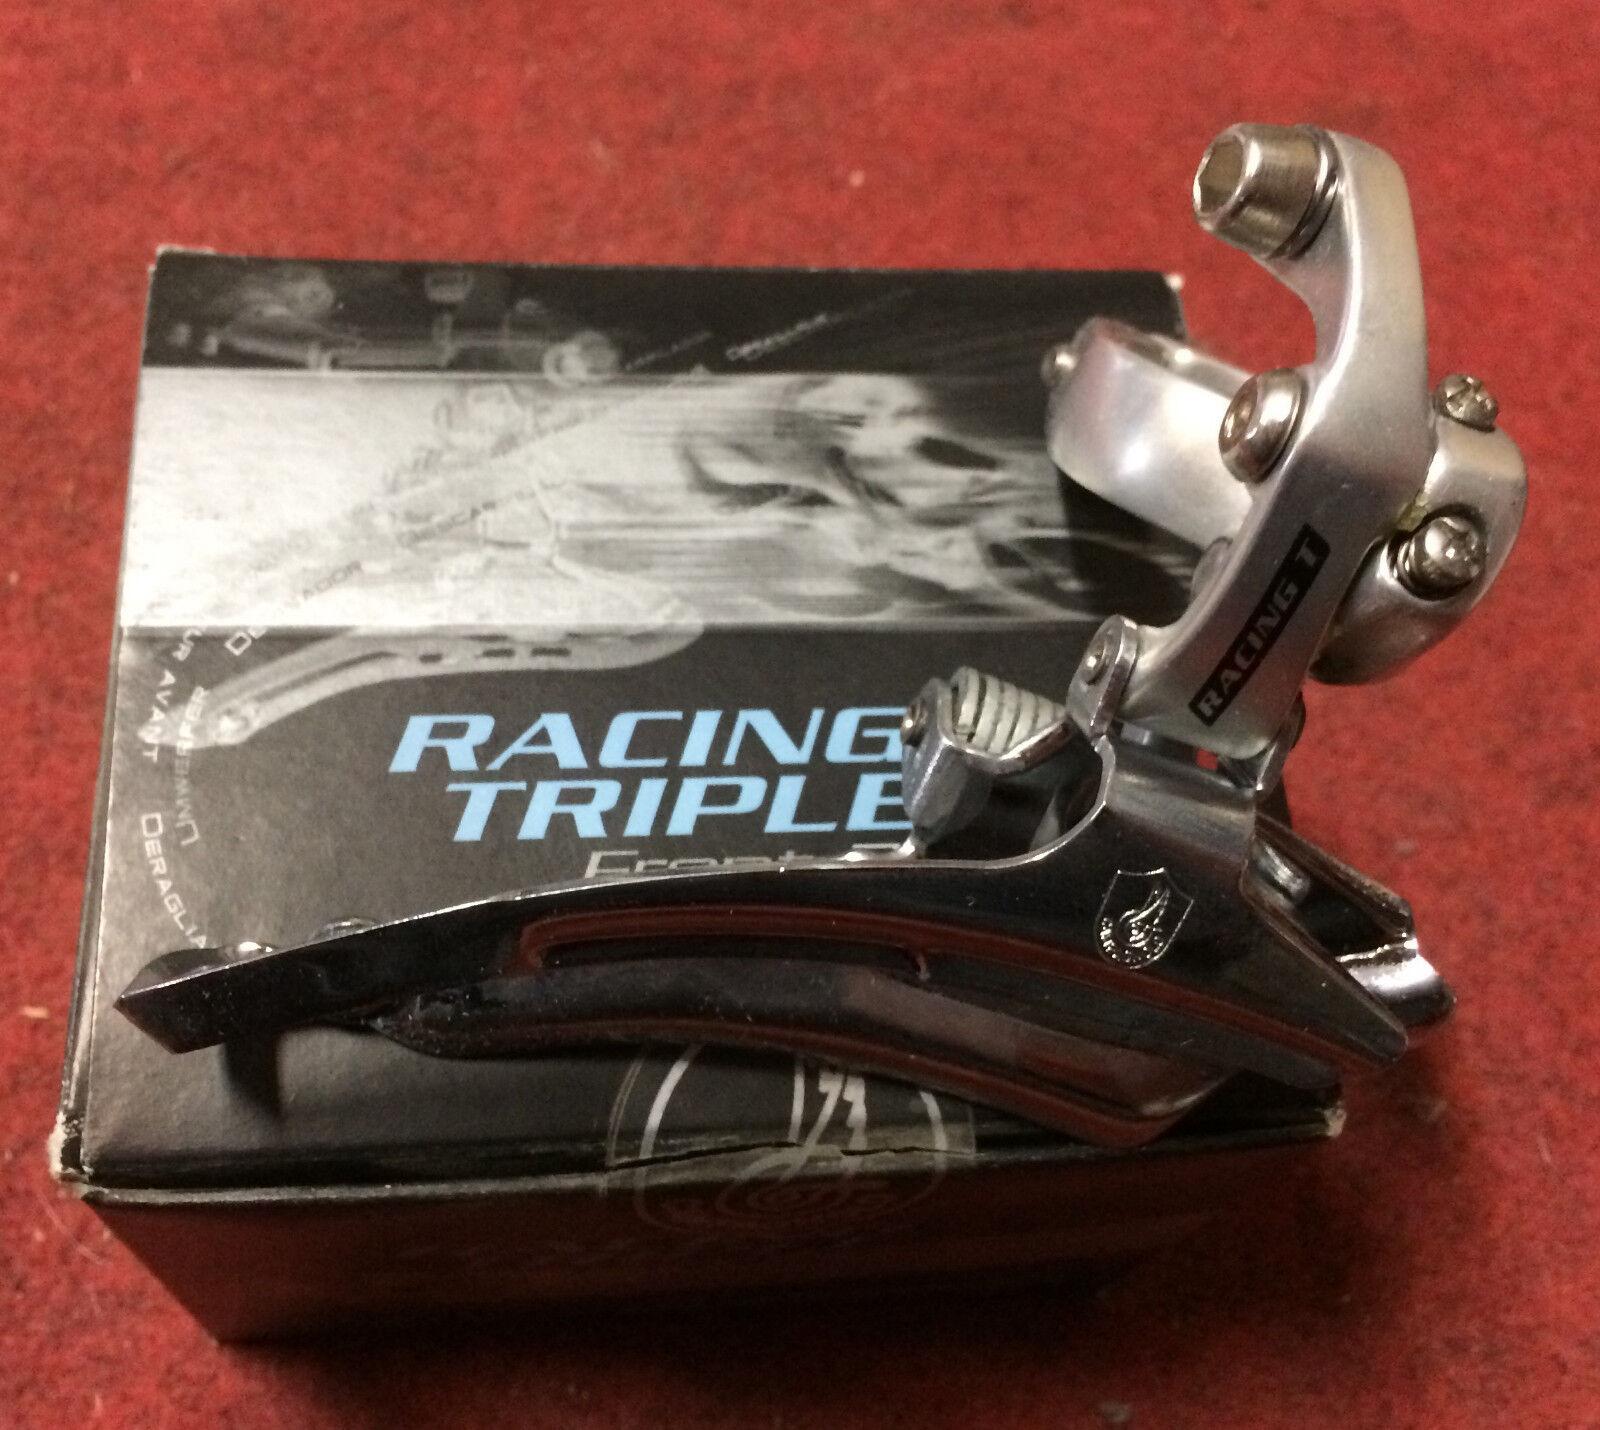 Deragliatore anteriore Campagnolo Racing Triple 32 clip on bike front derailleur